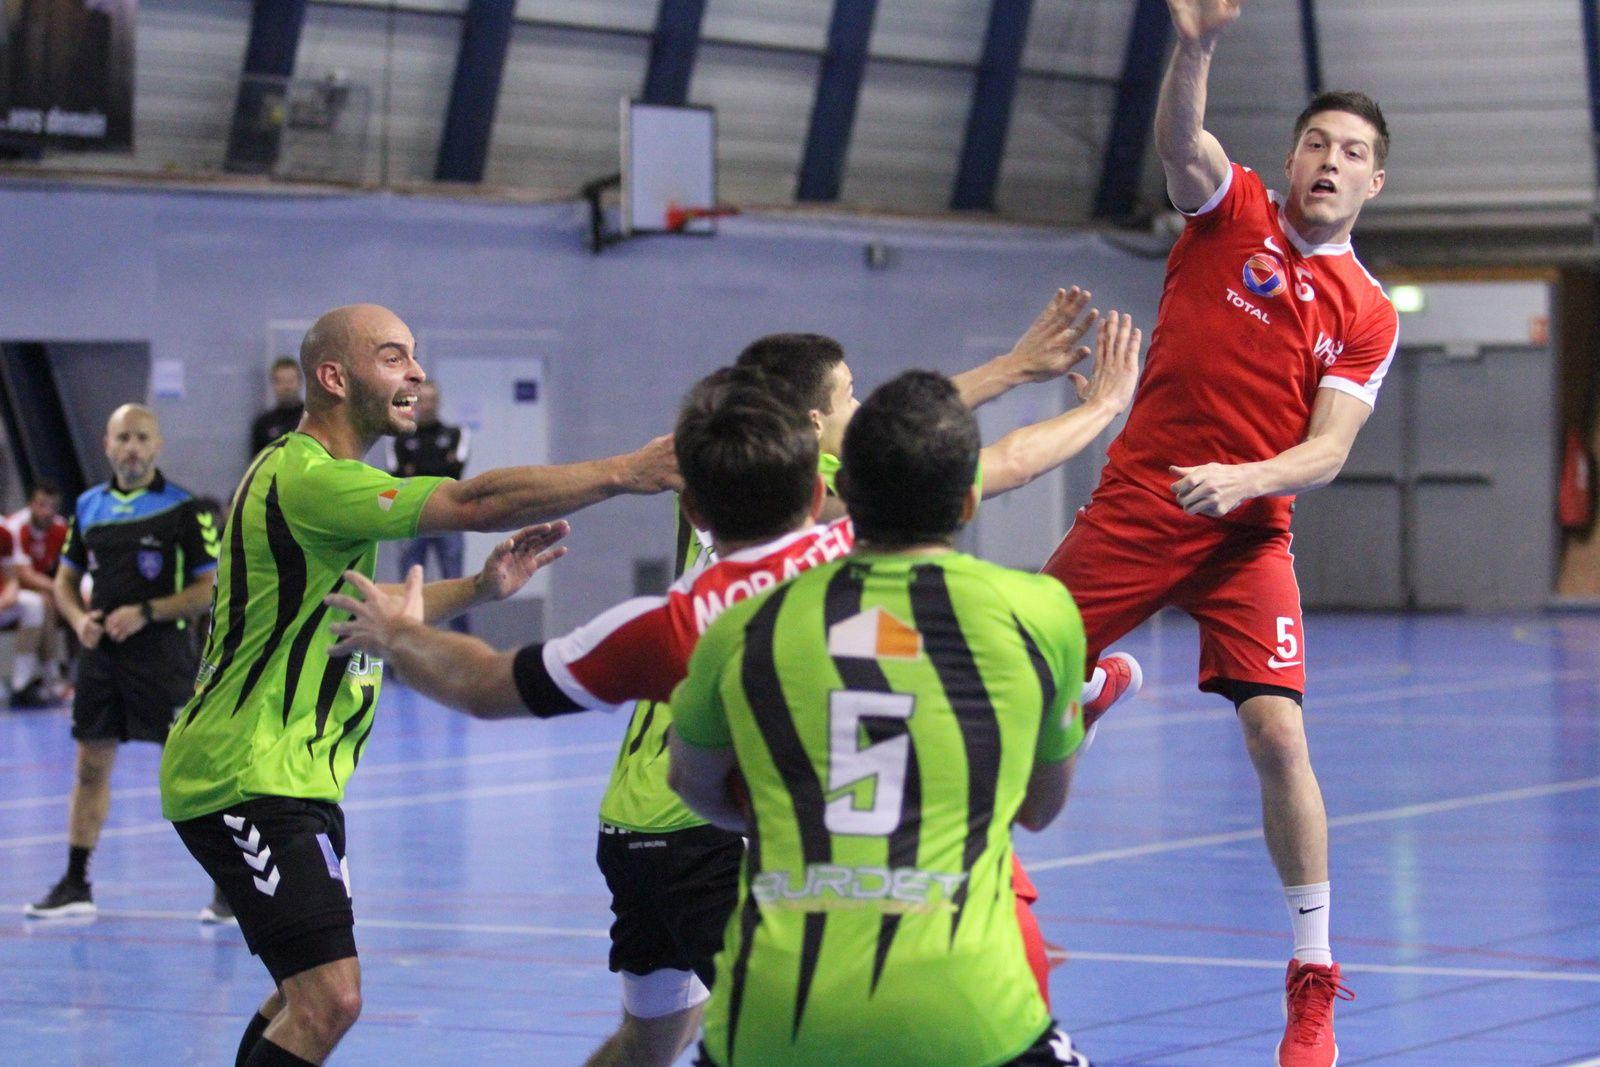 Une fois encore, les handballeurs vénissians ont su renverser le cours d'une rencontre qui pendant 50 minutes leur echappait